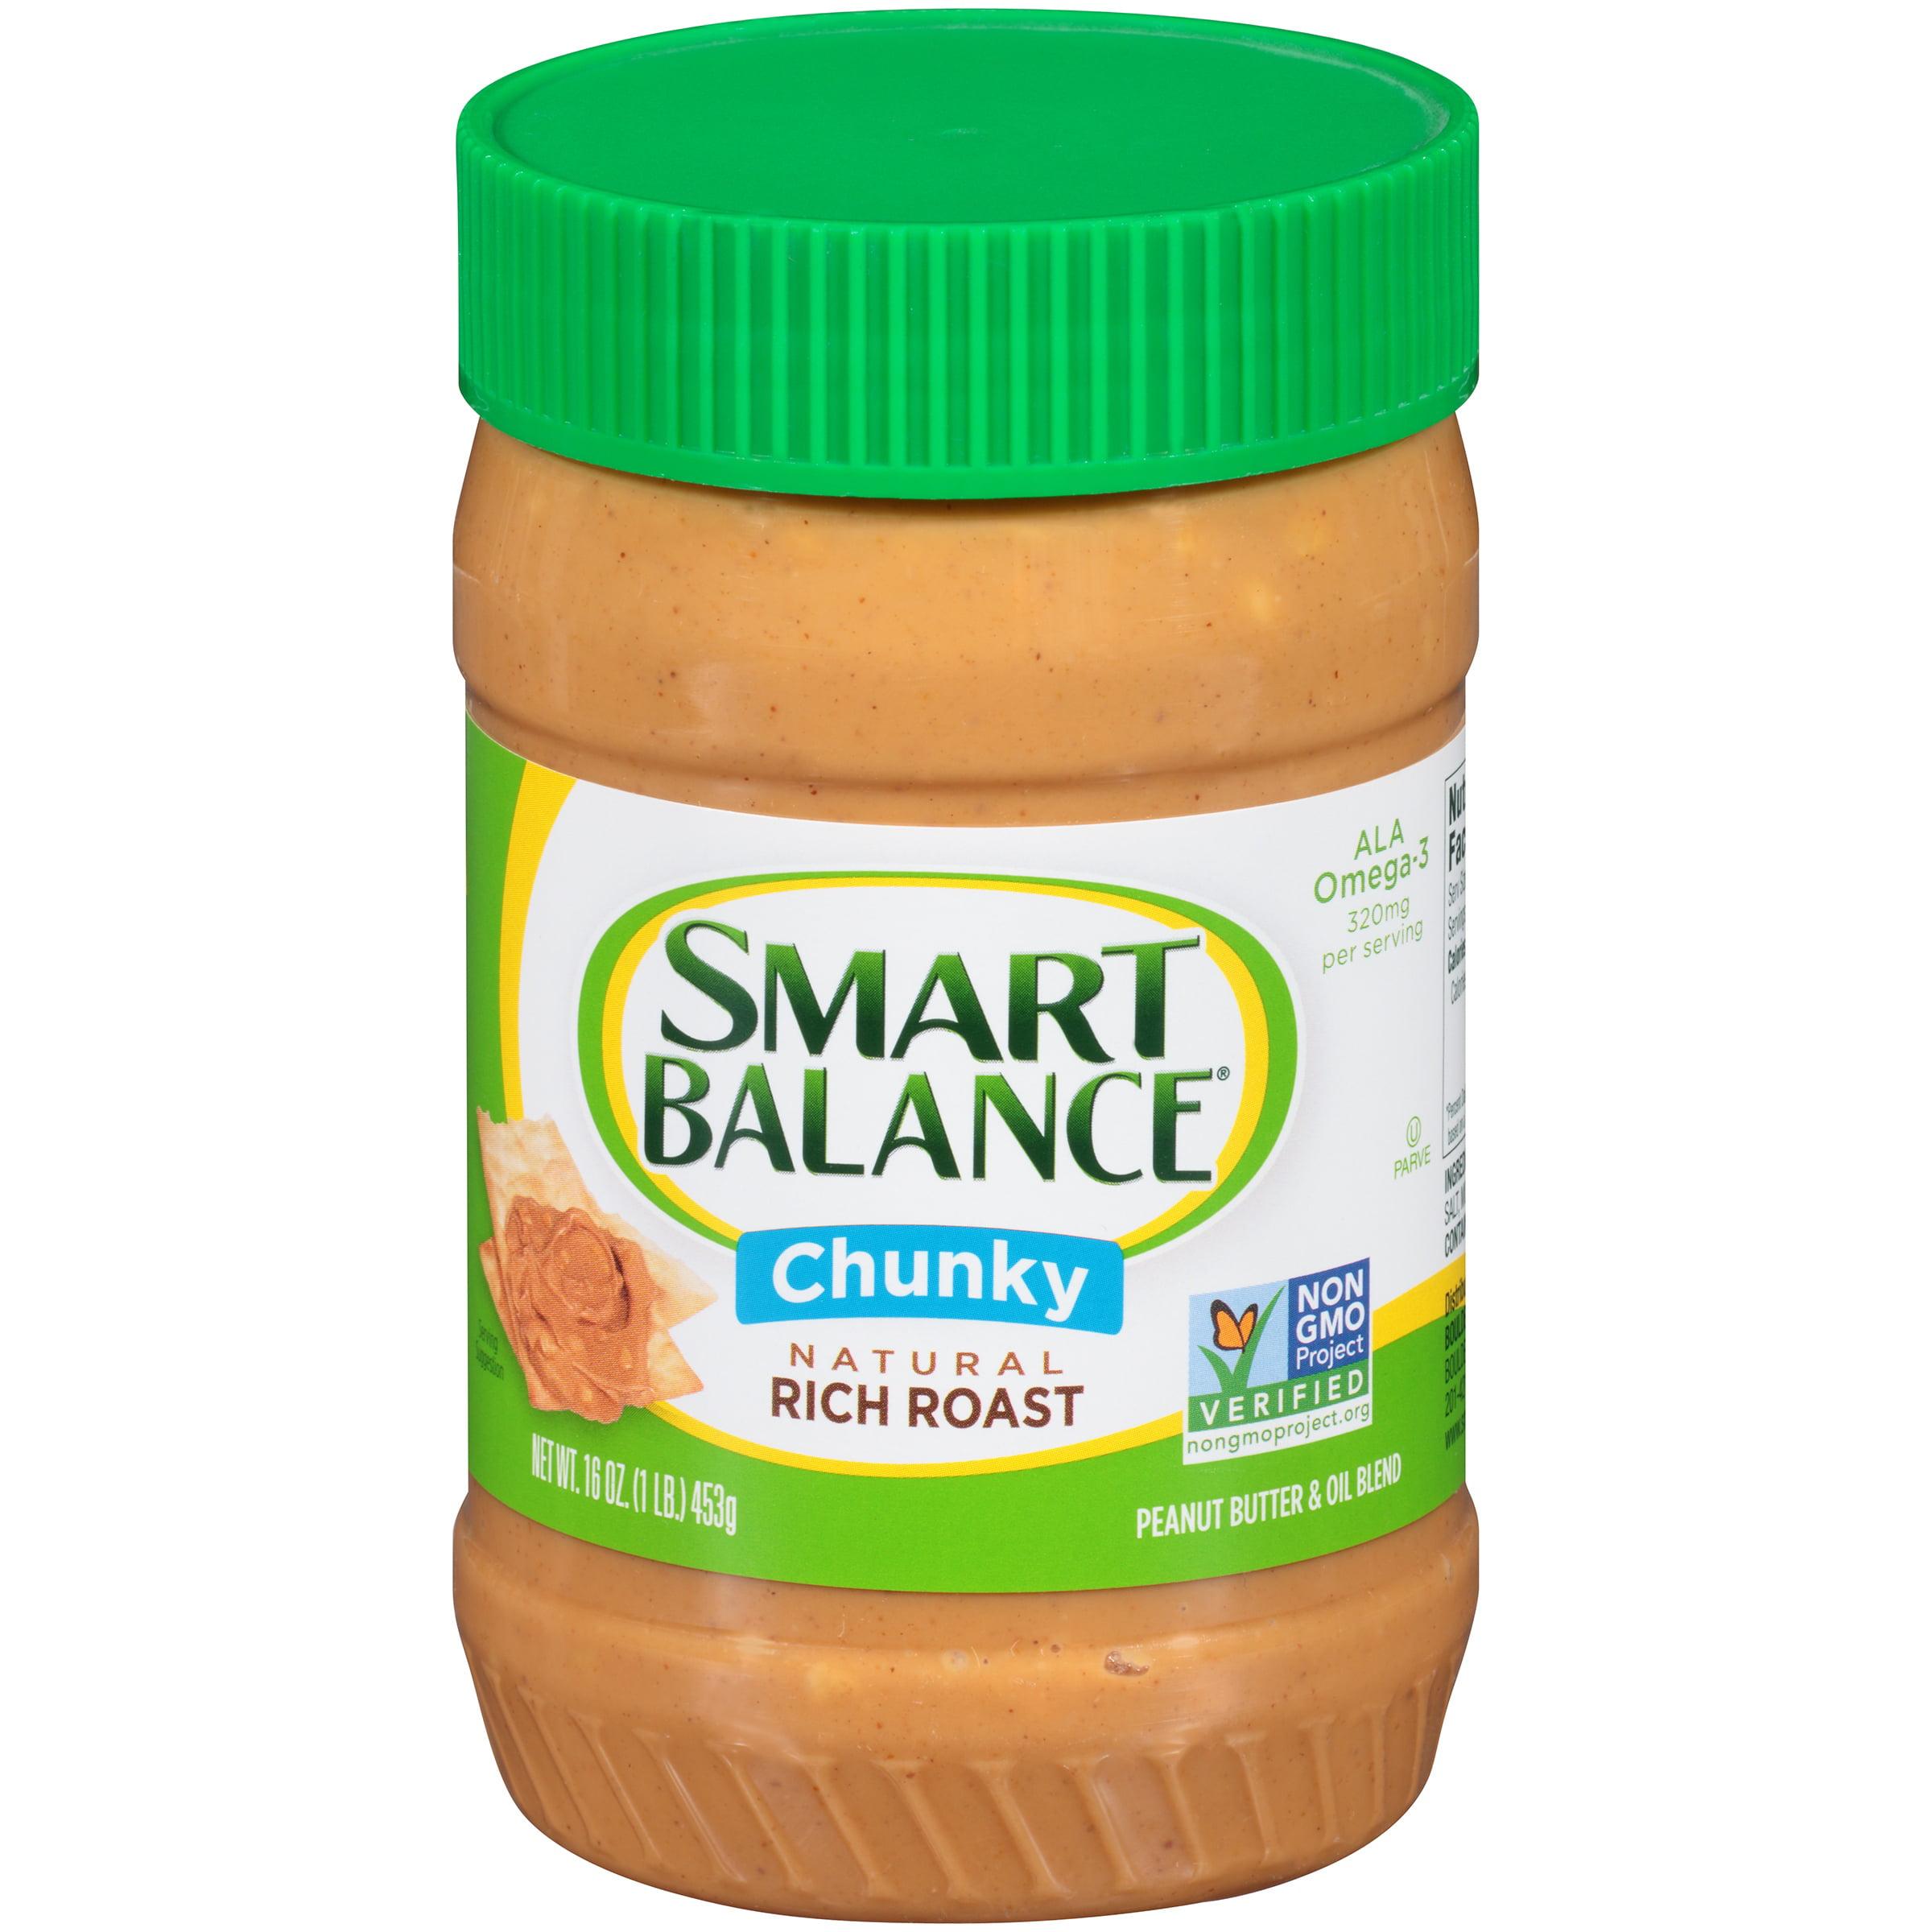 Image result for smart balance crunchy peanut butter